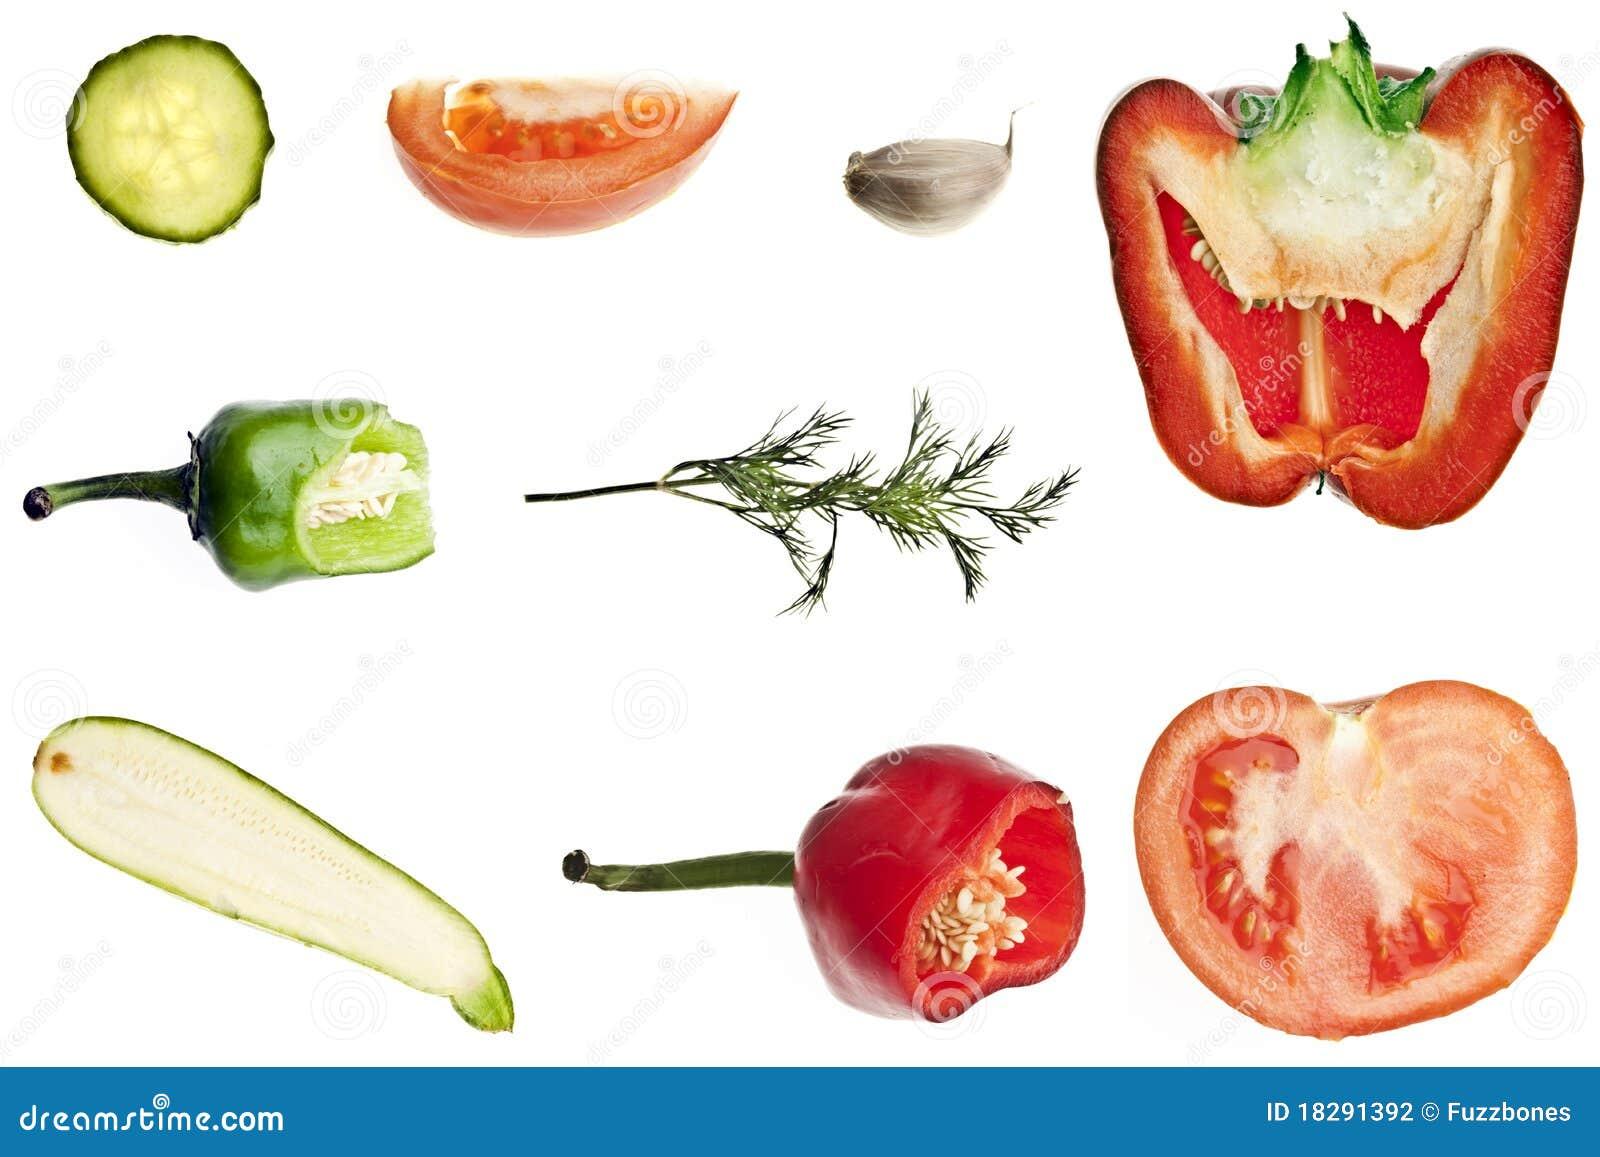 拼贴画剪切蔬菜 图库摄影